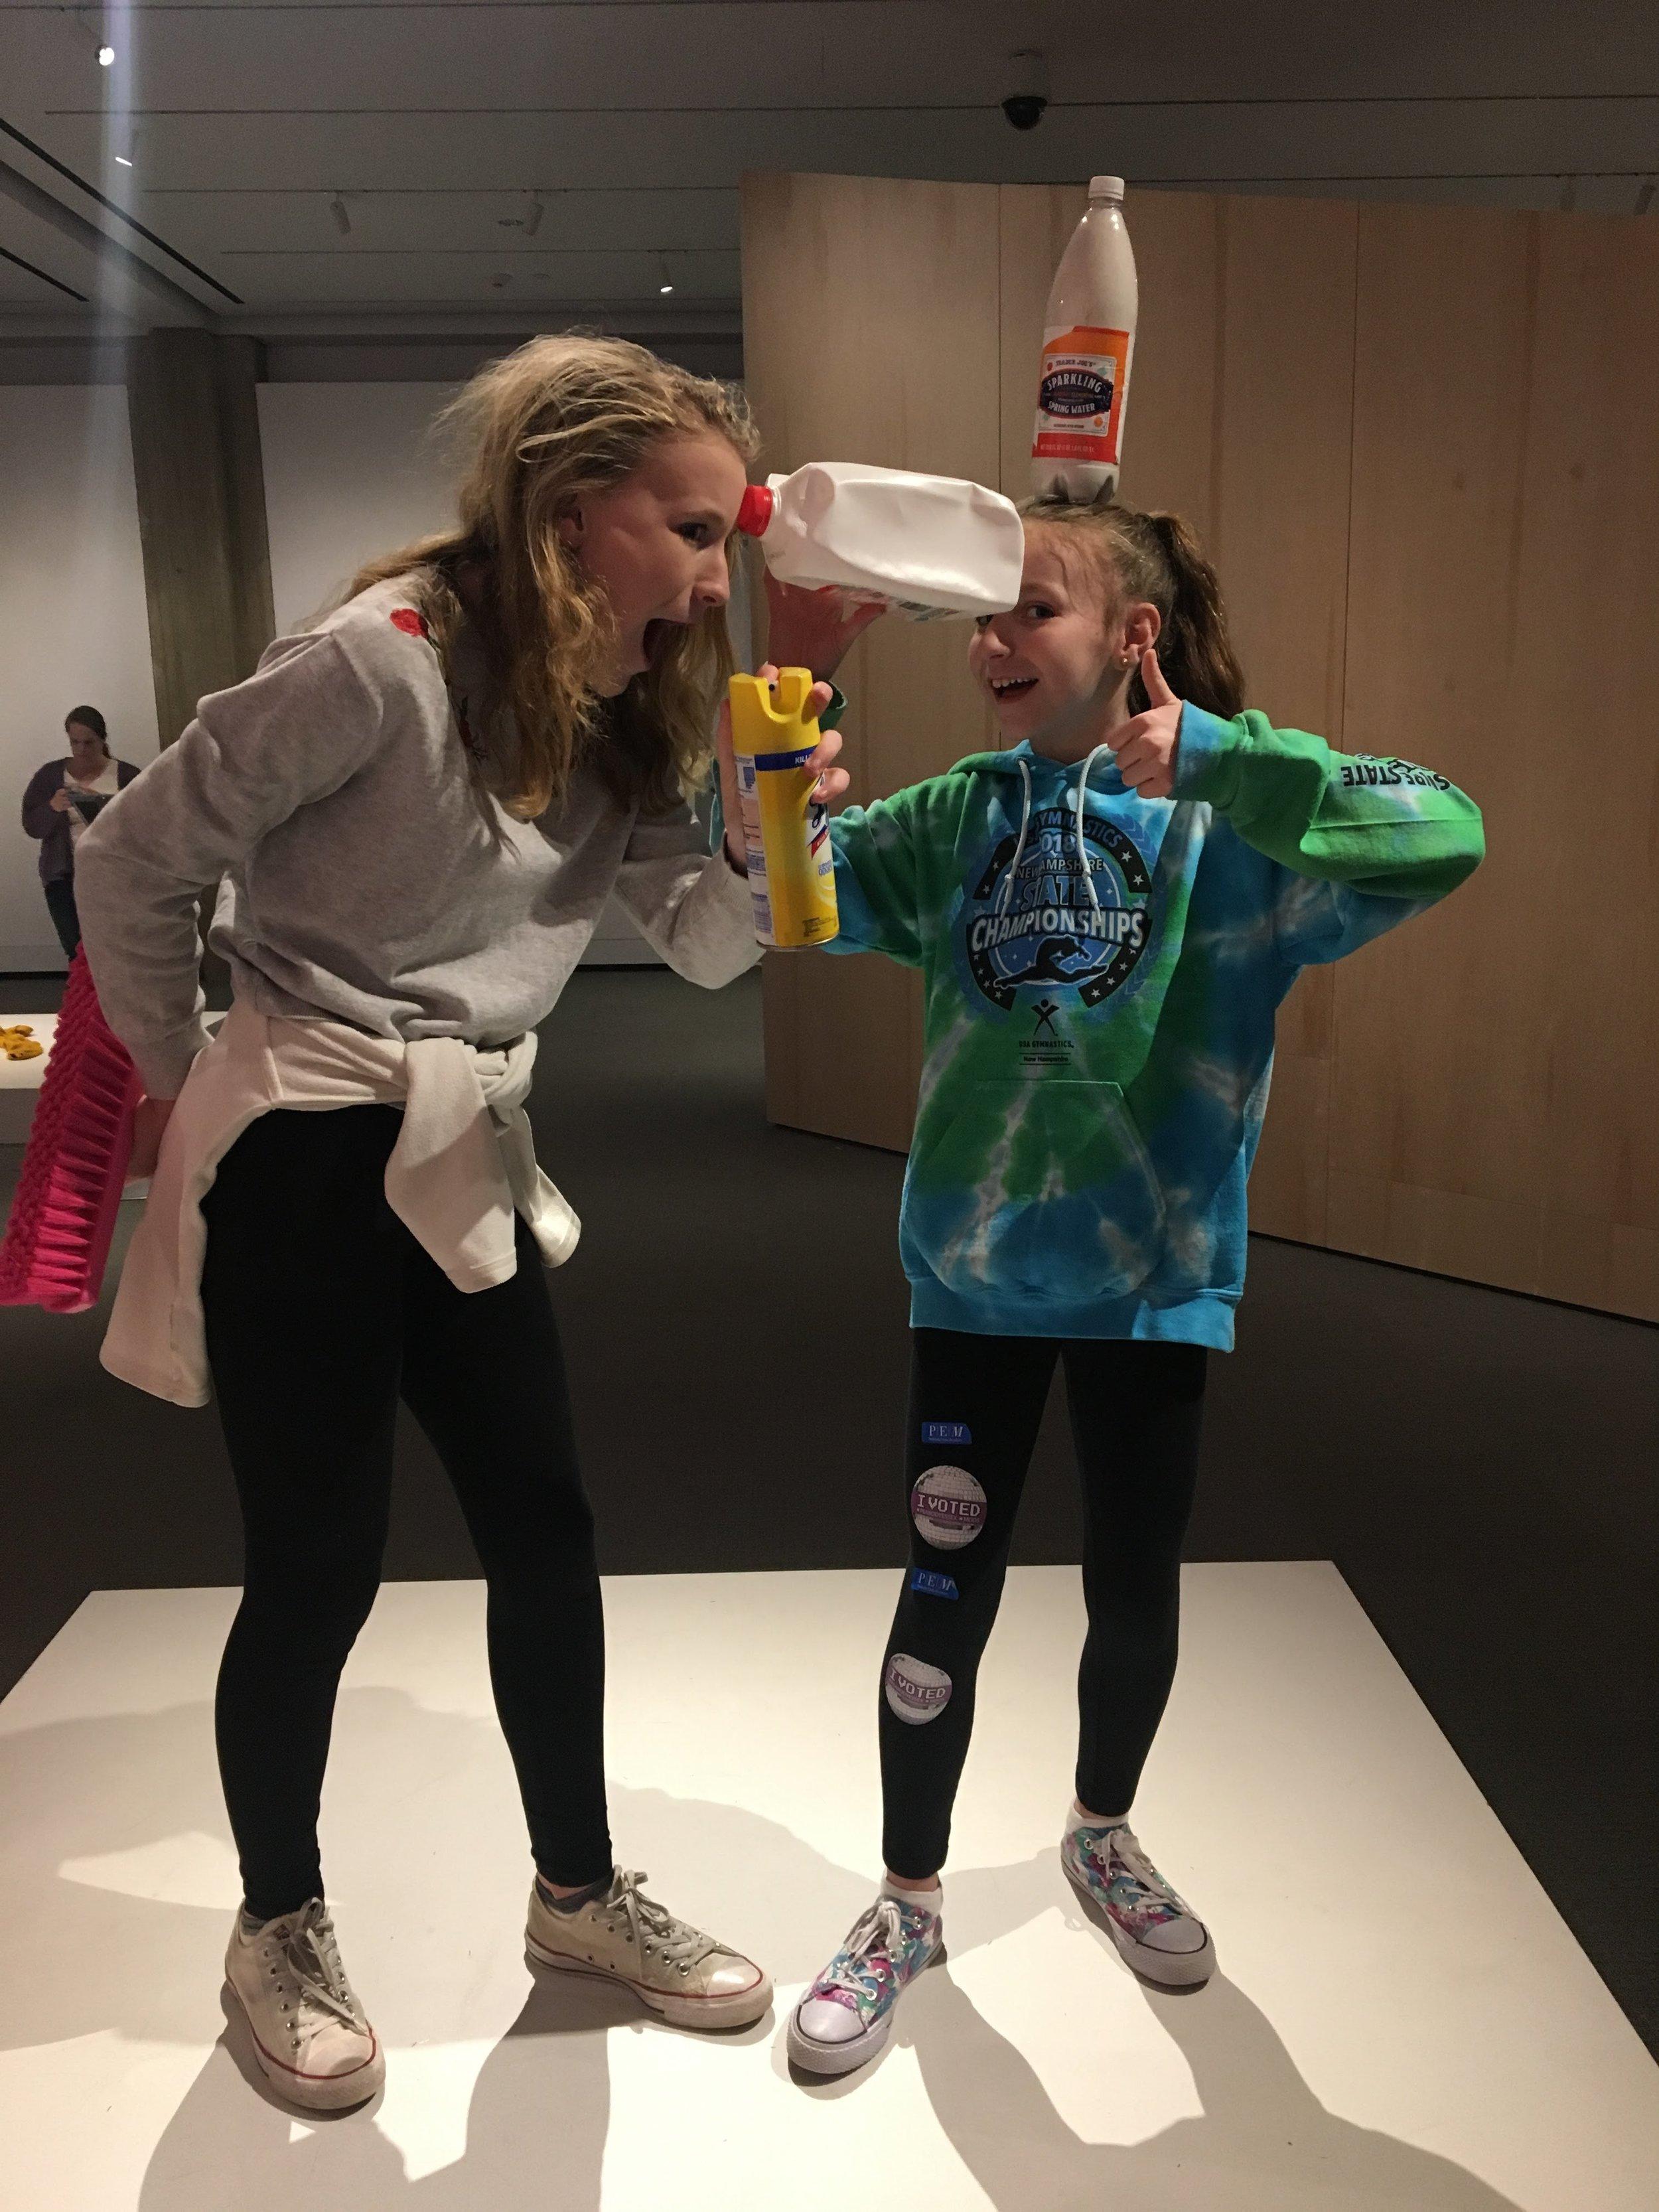 DIY sculpture in the PlayTime exhibit